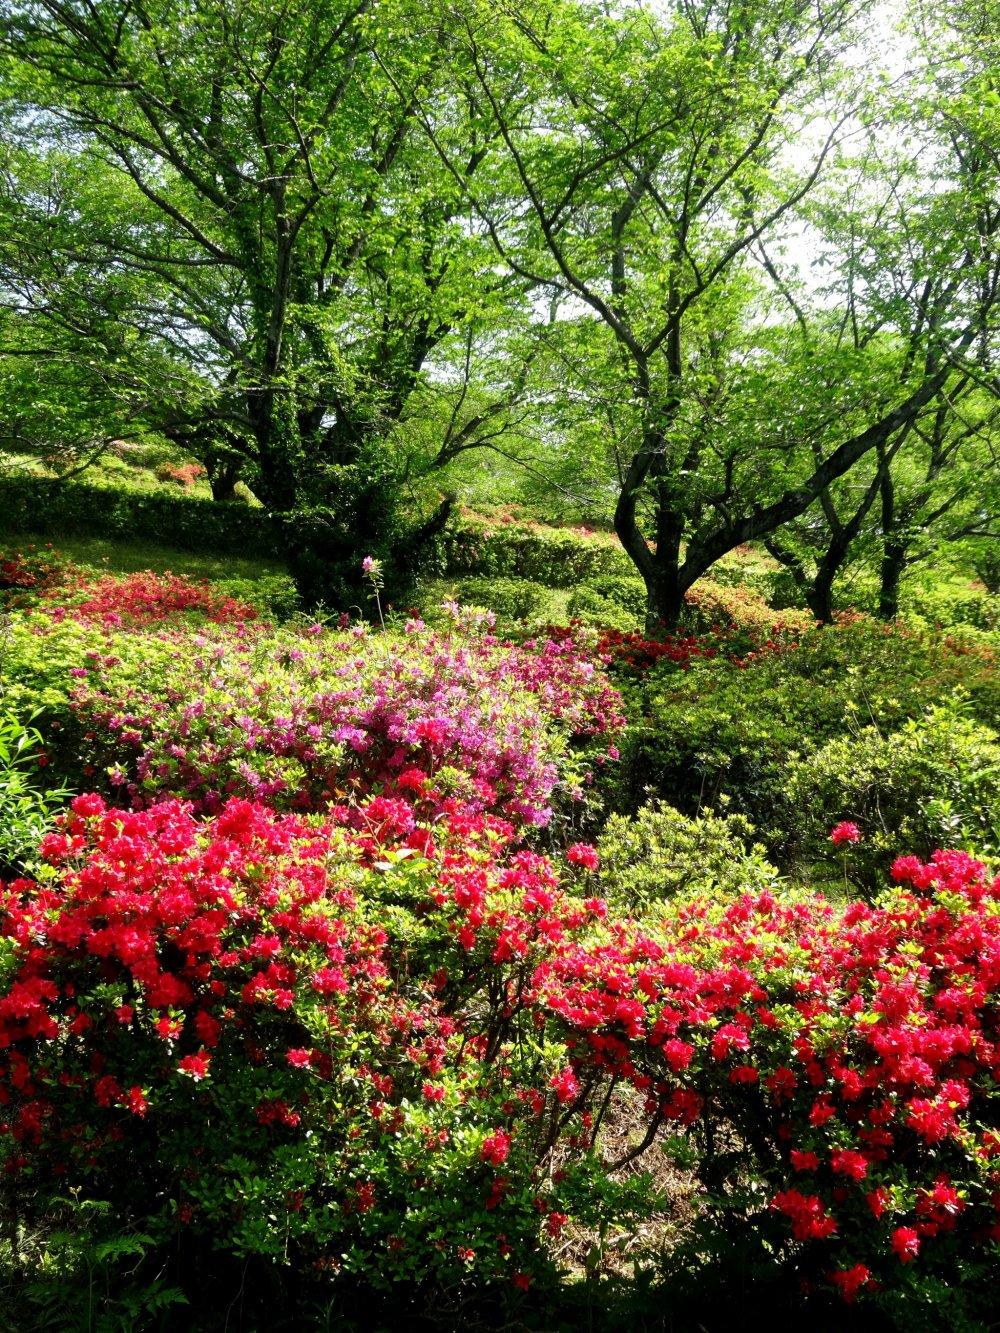 니치린사원은 천여 구루의 진달래로 이루어져 있다